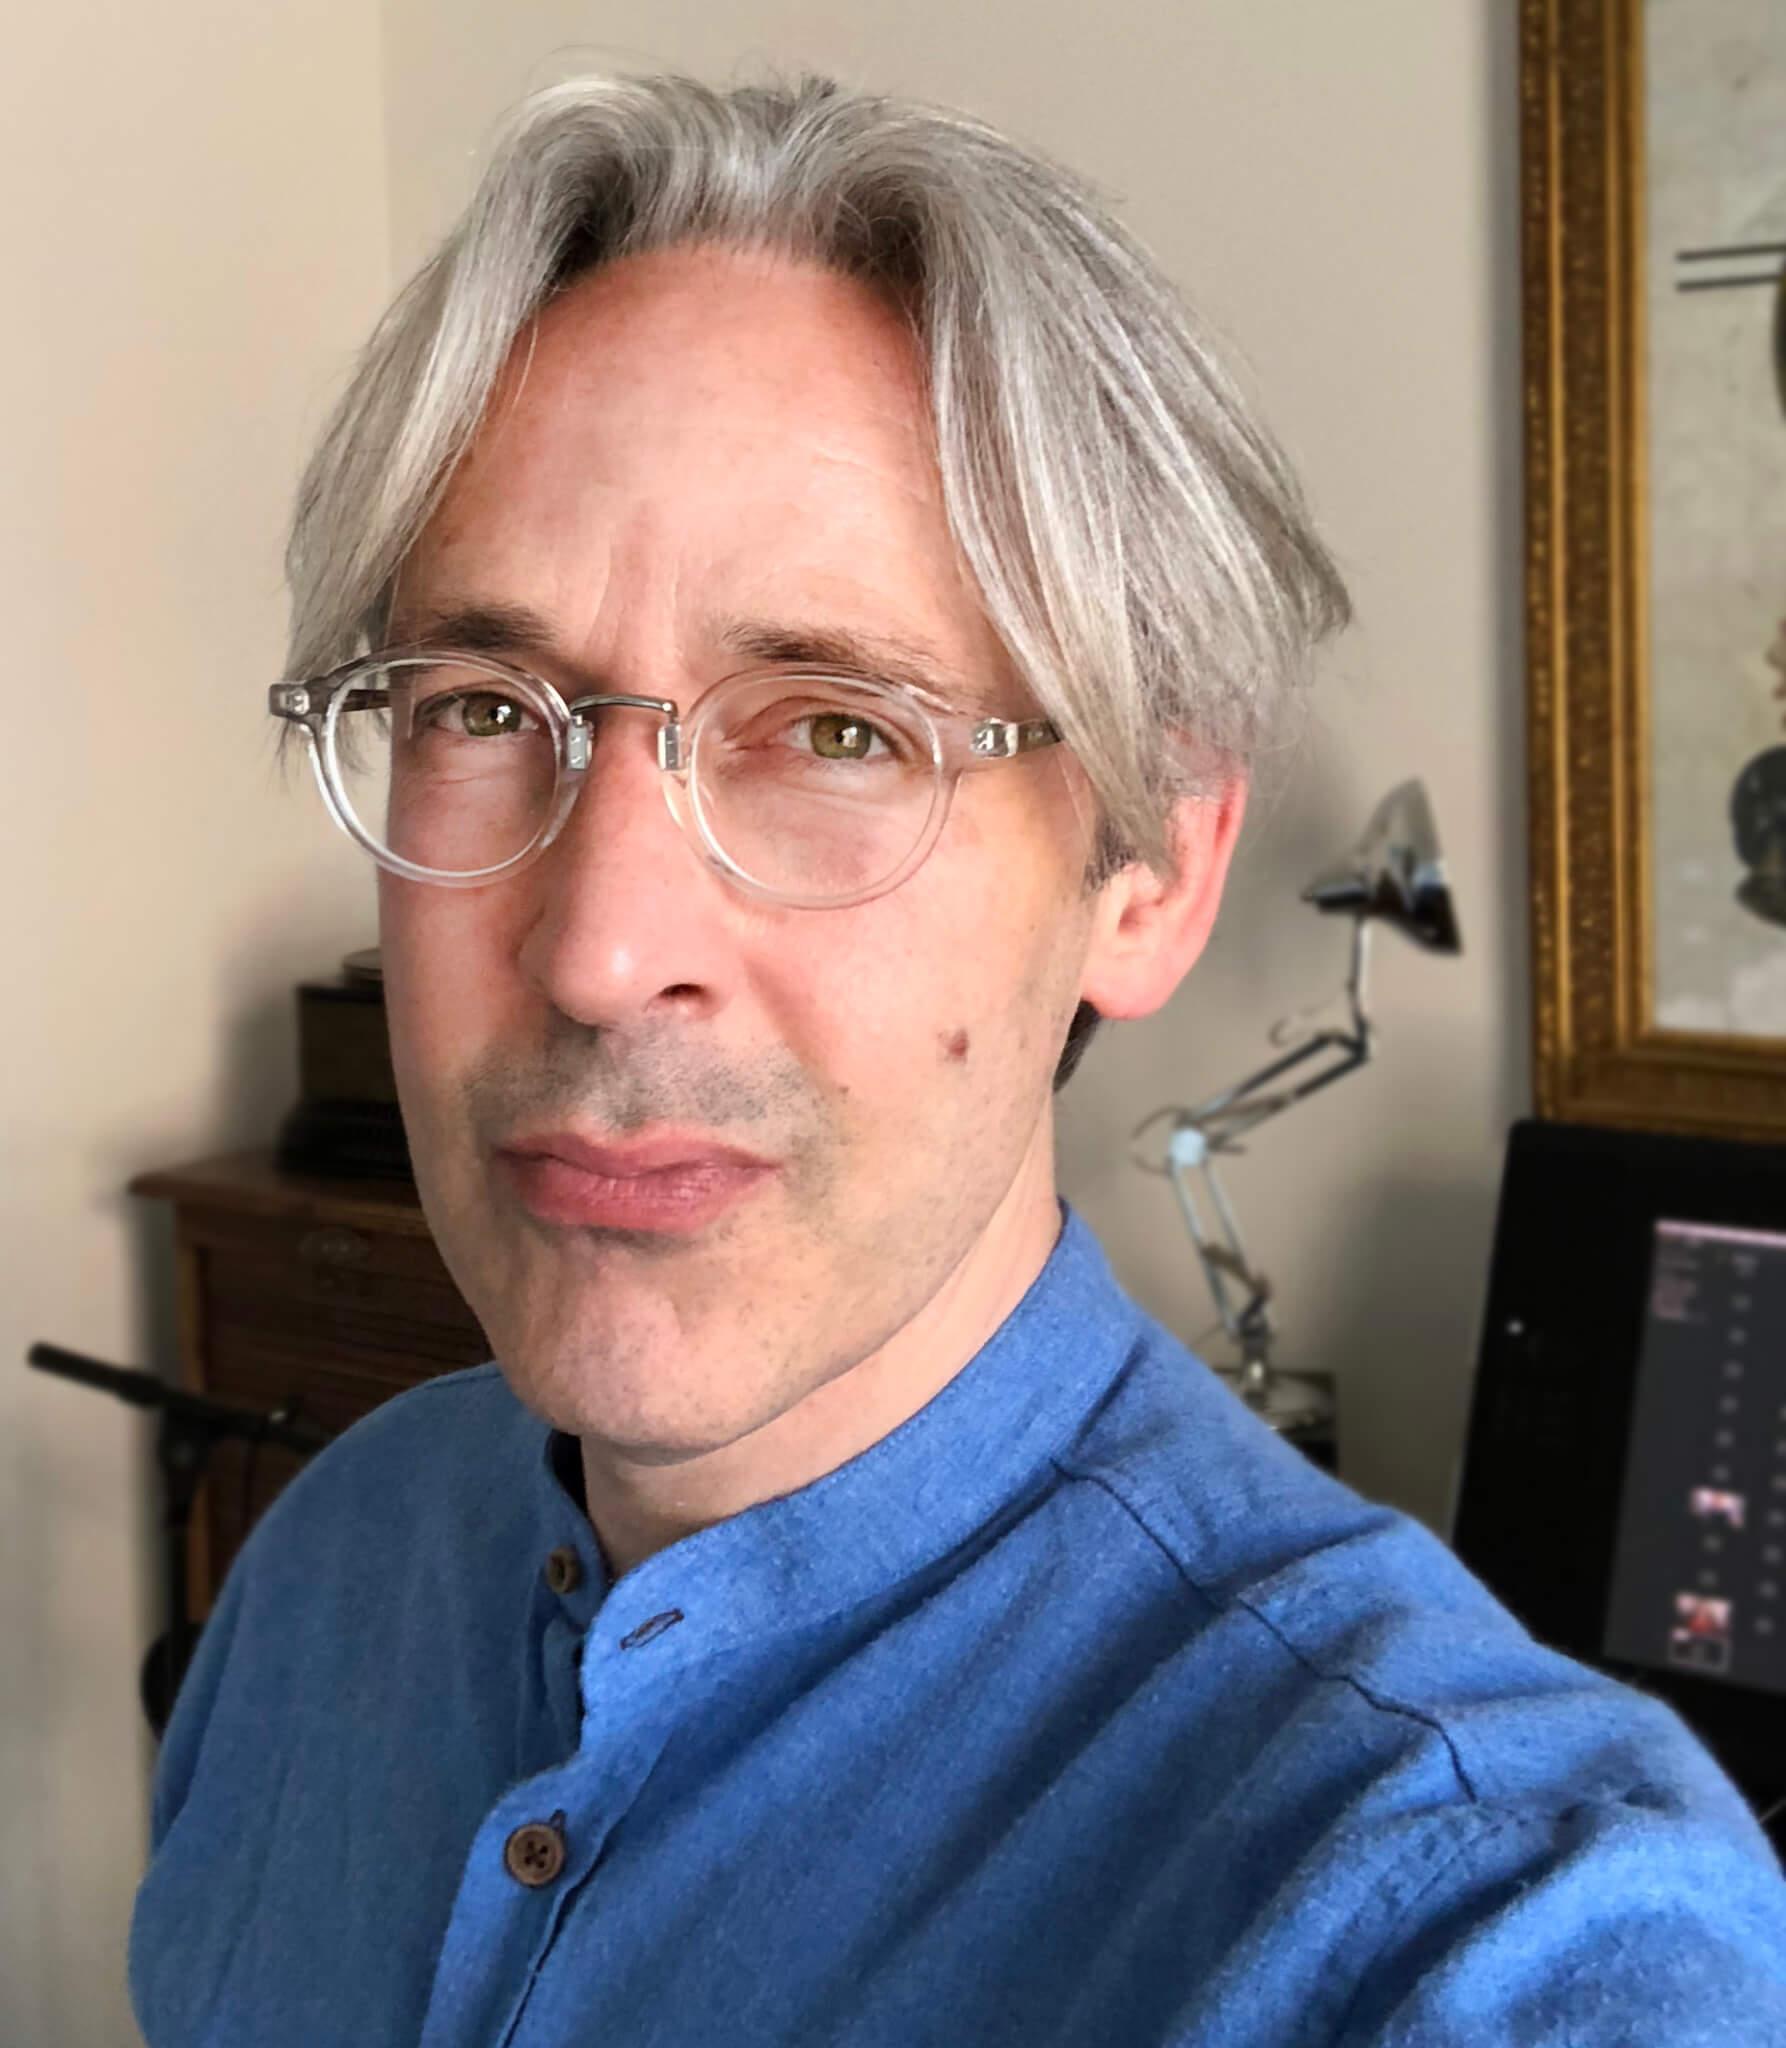 Portret kunstenaar Stefan de Groot